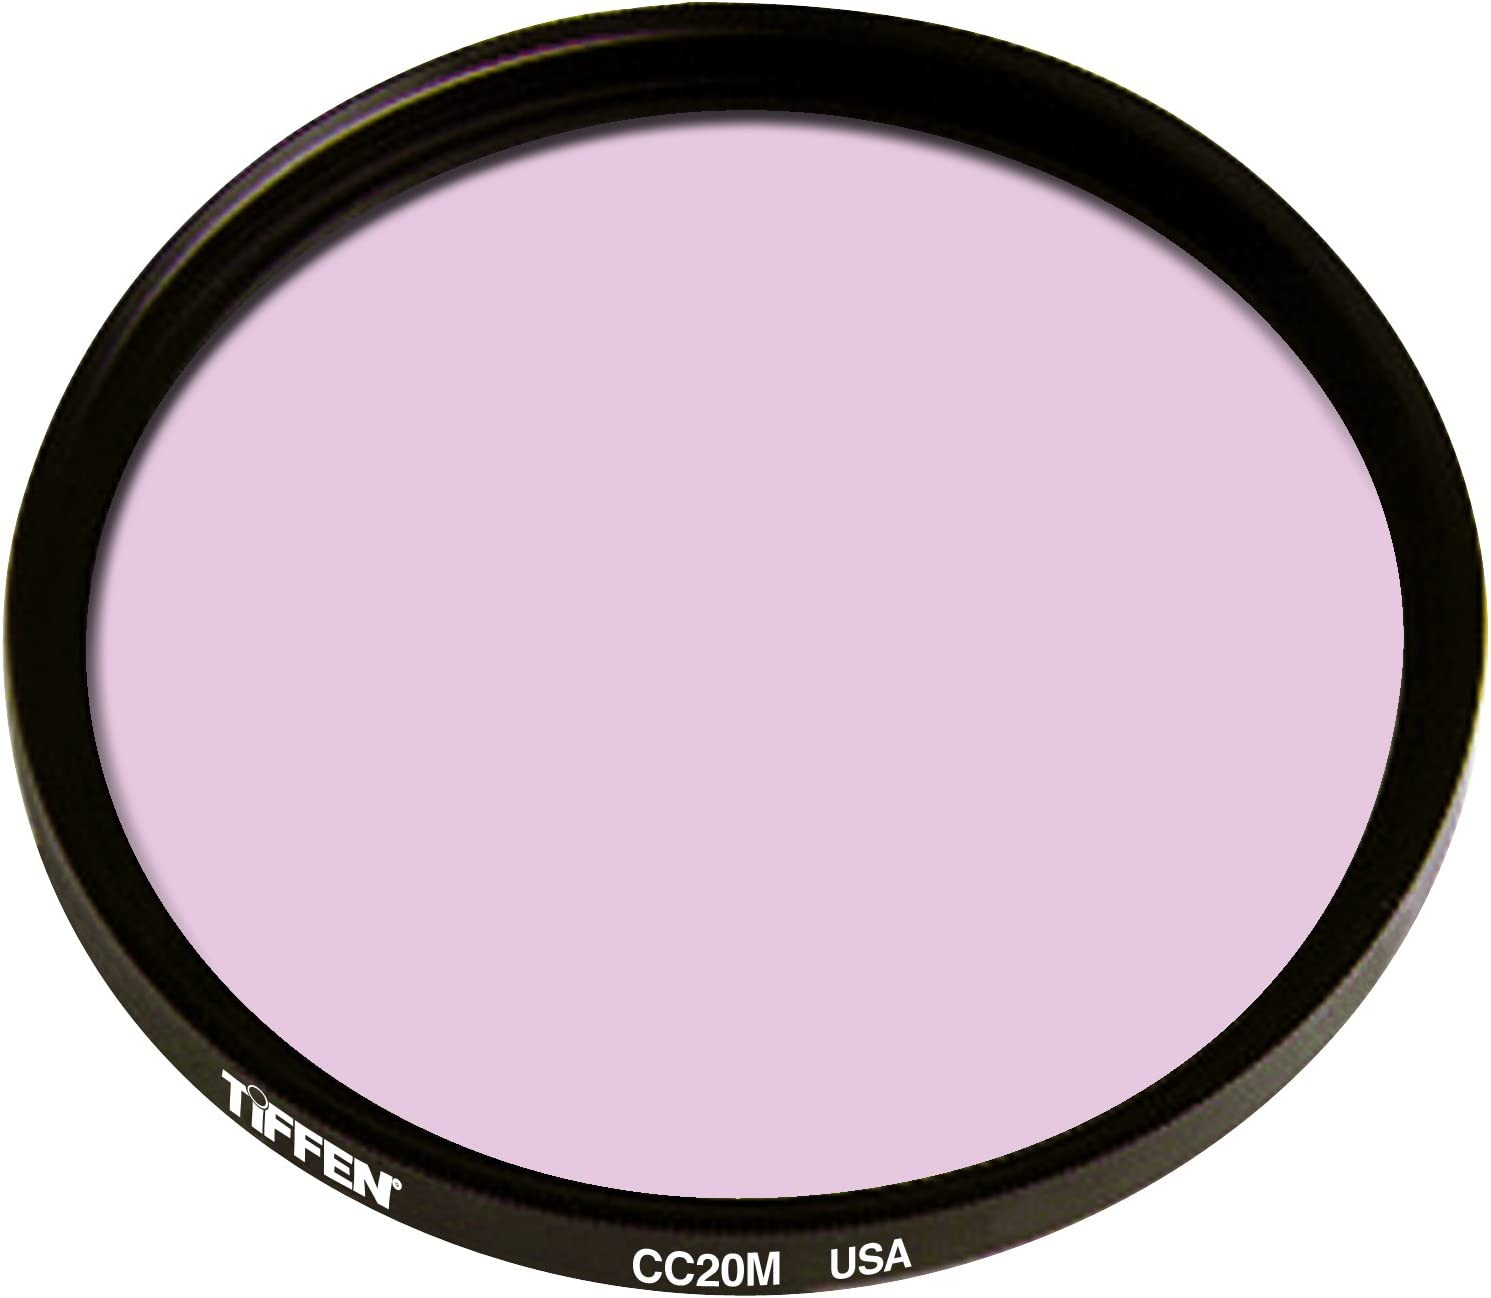 Tiffen 4.5 Round CC20M Magenta Round Filter